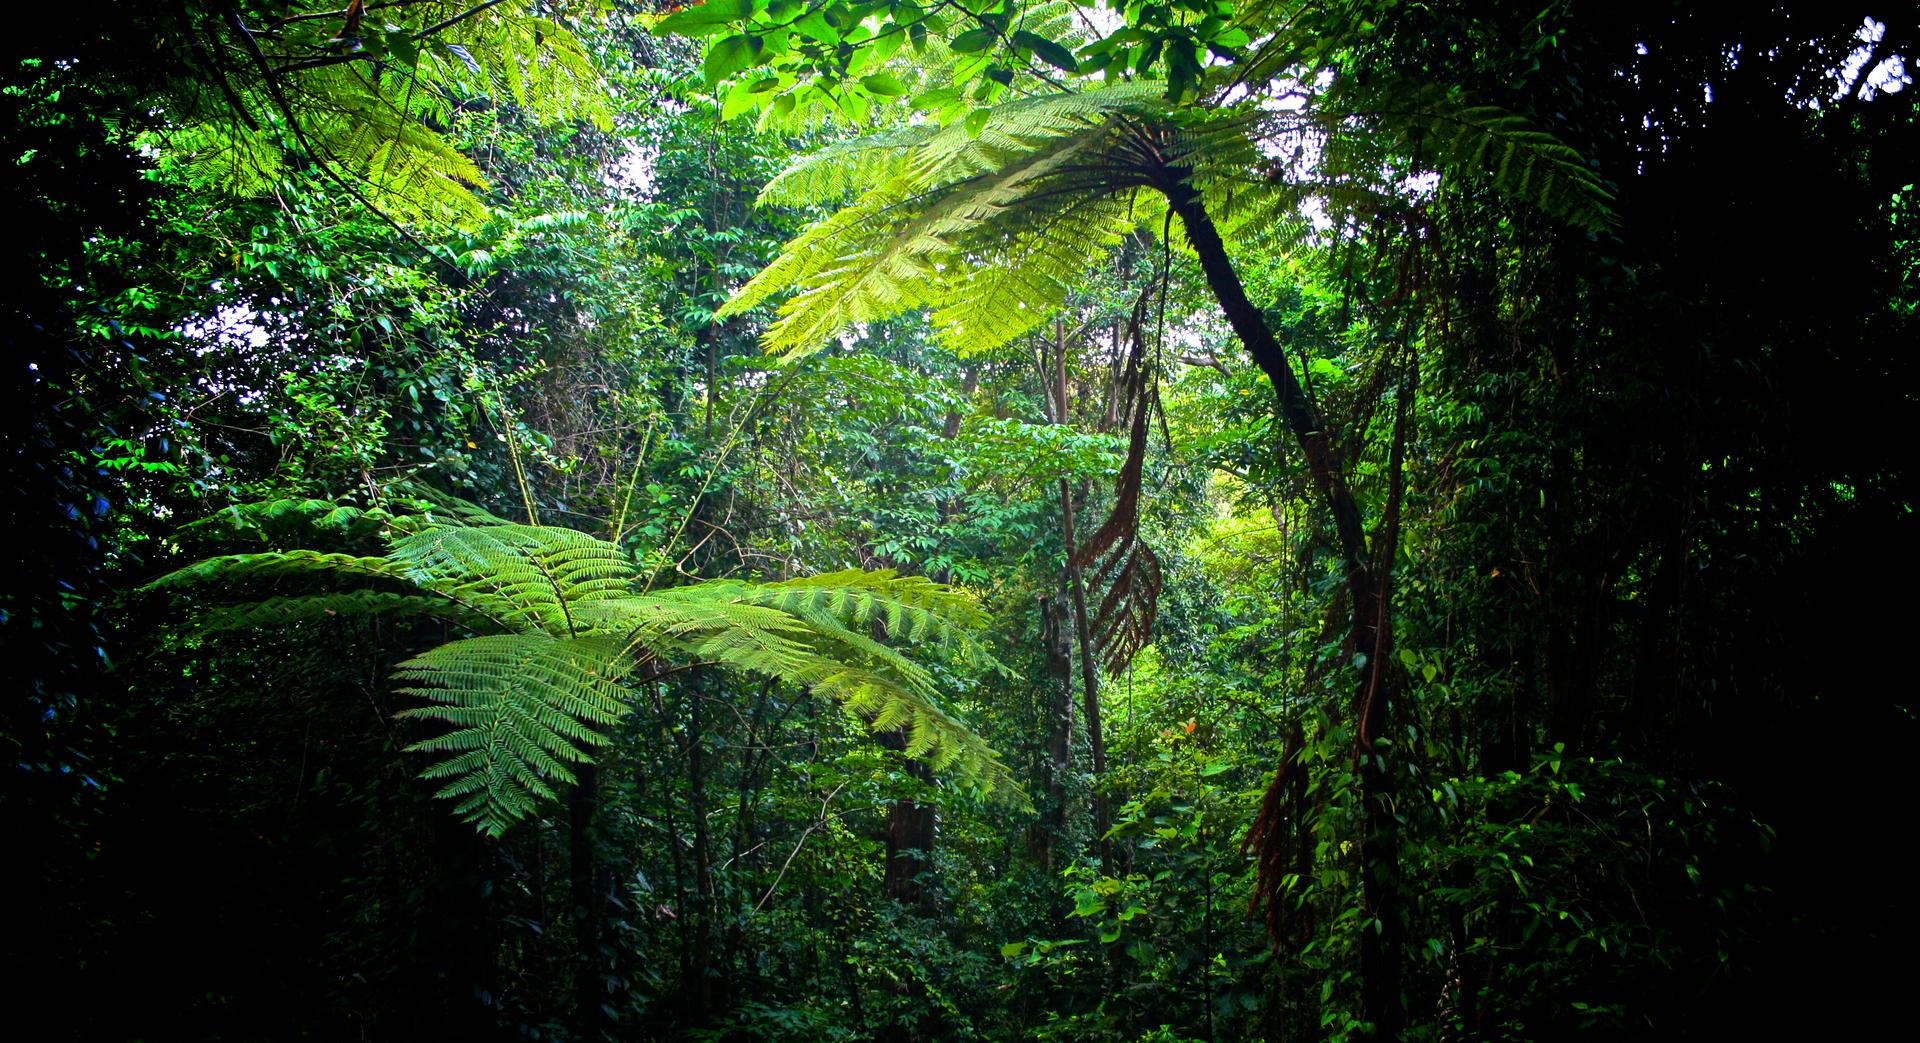 Fotografia przedstawia rozłożyste paprocie, kórych liście wyrastają zpnia. Wtle znajdują się wysokie drzewa. Zich koron zwisają liany. Krajobraz jest zamglony.